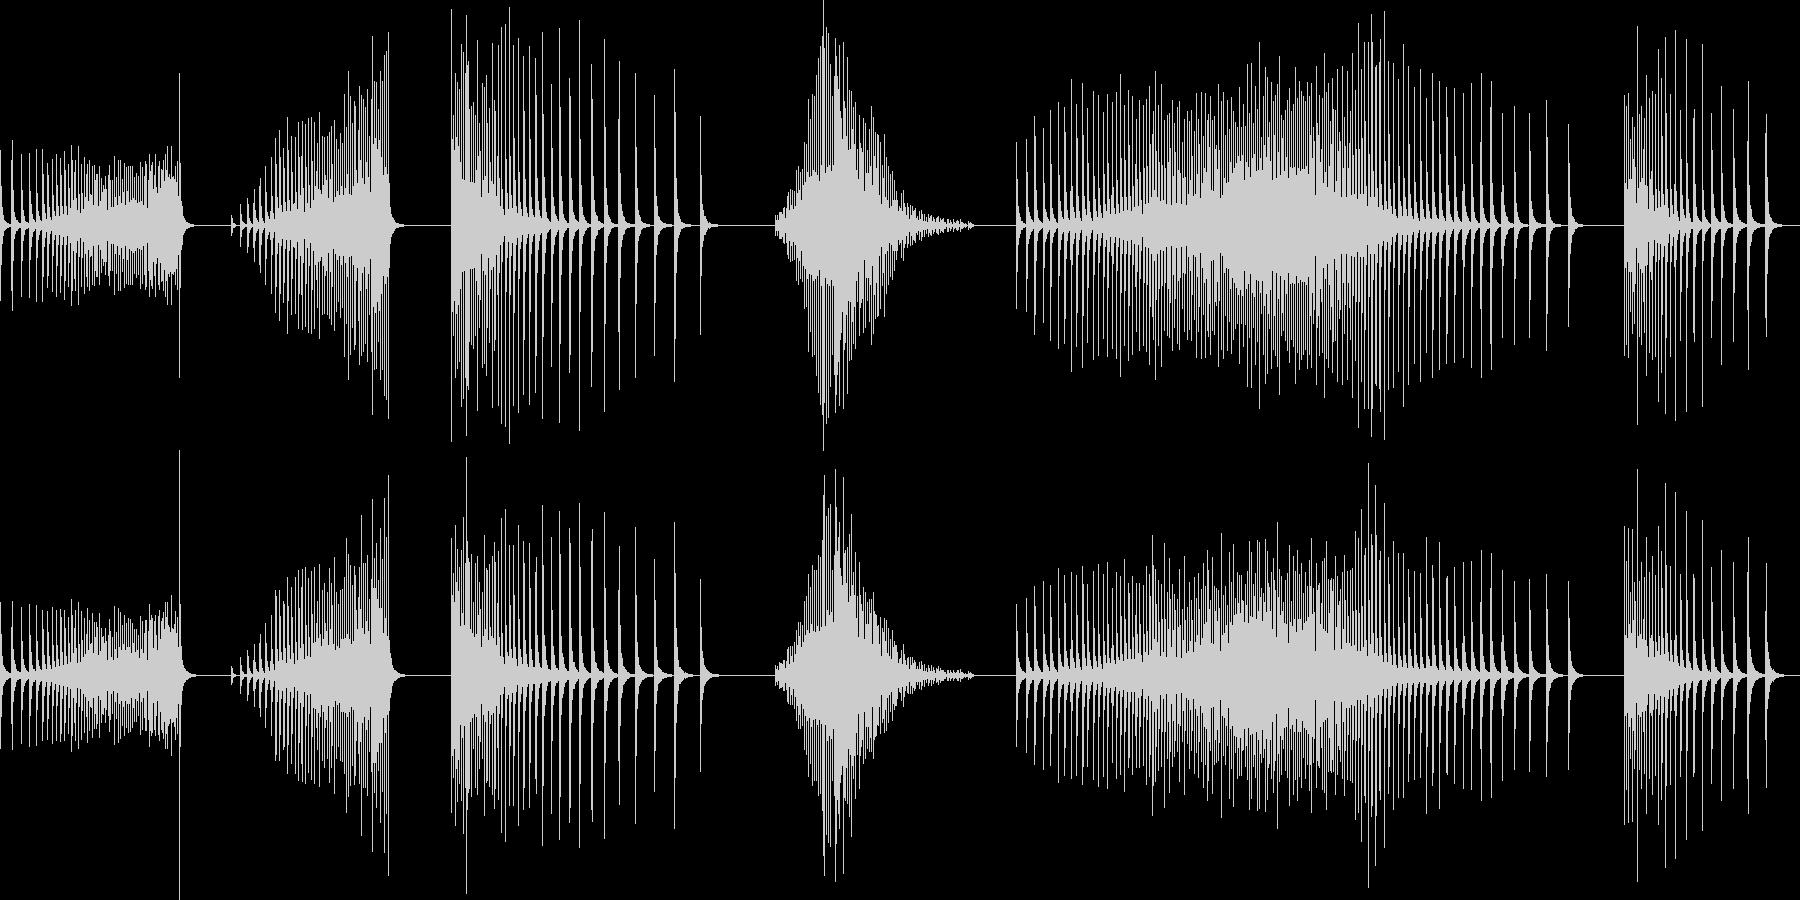 ドラム、スネア、ロール、ブザーなし...の未再生の波形